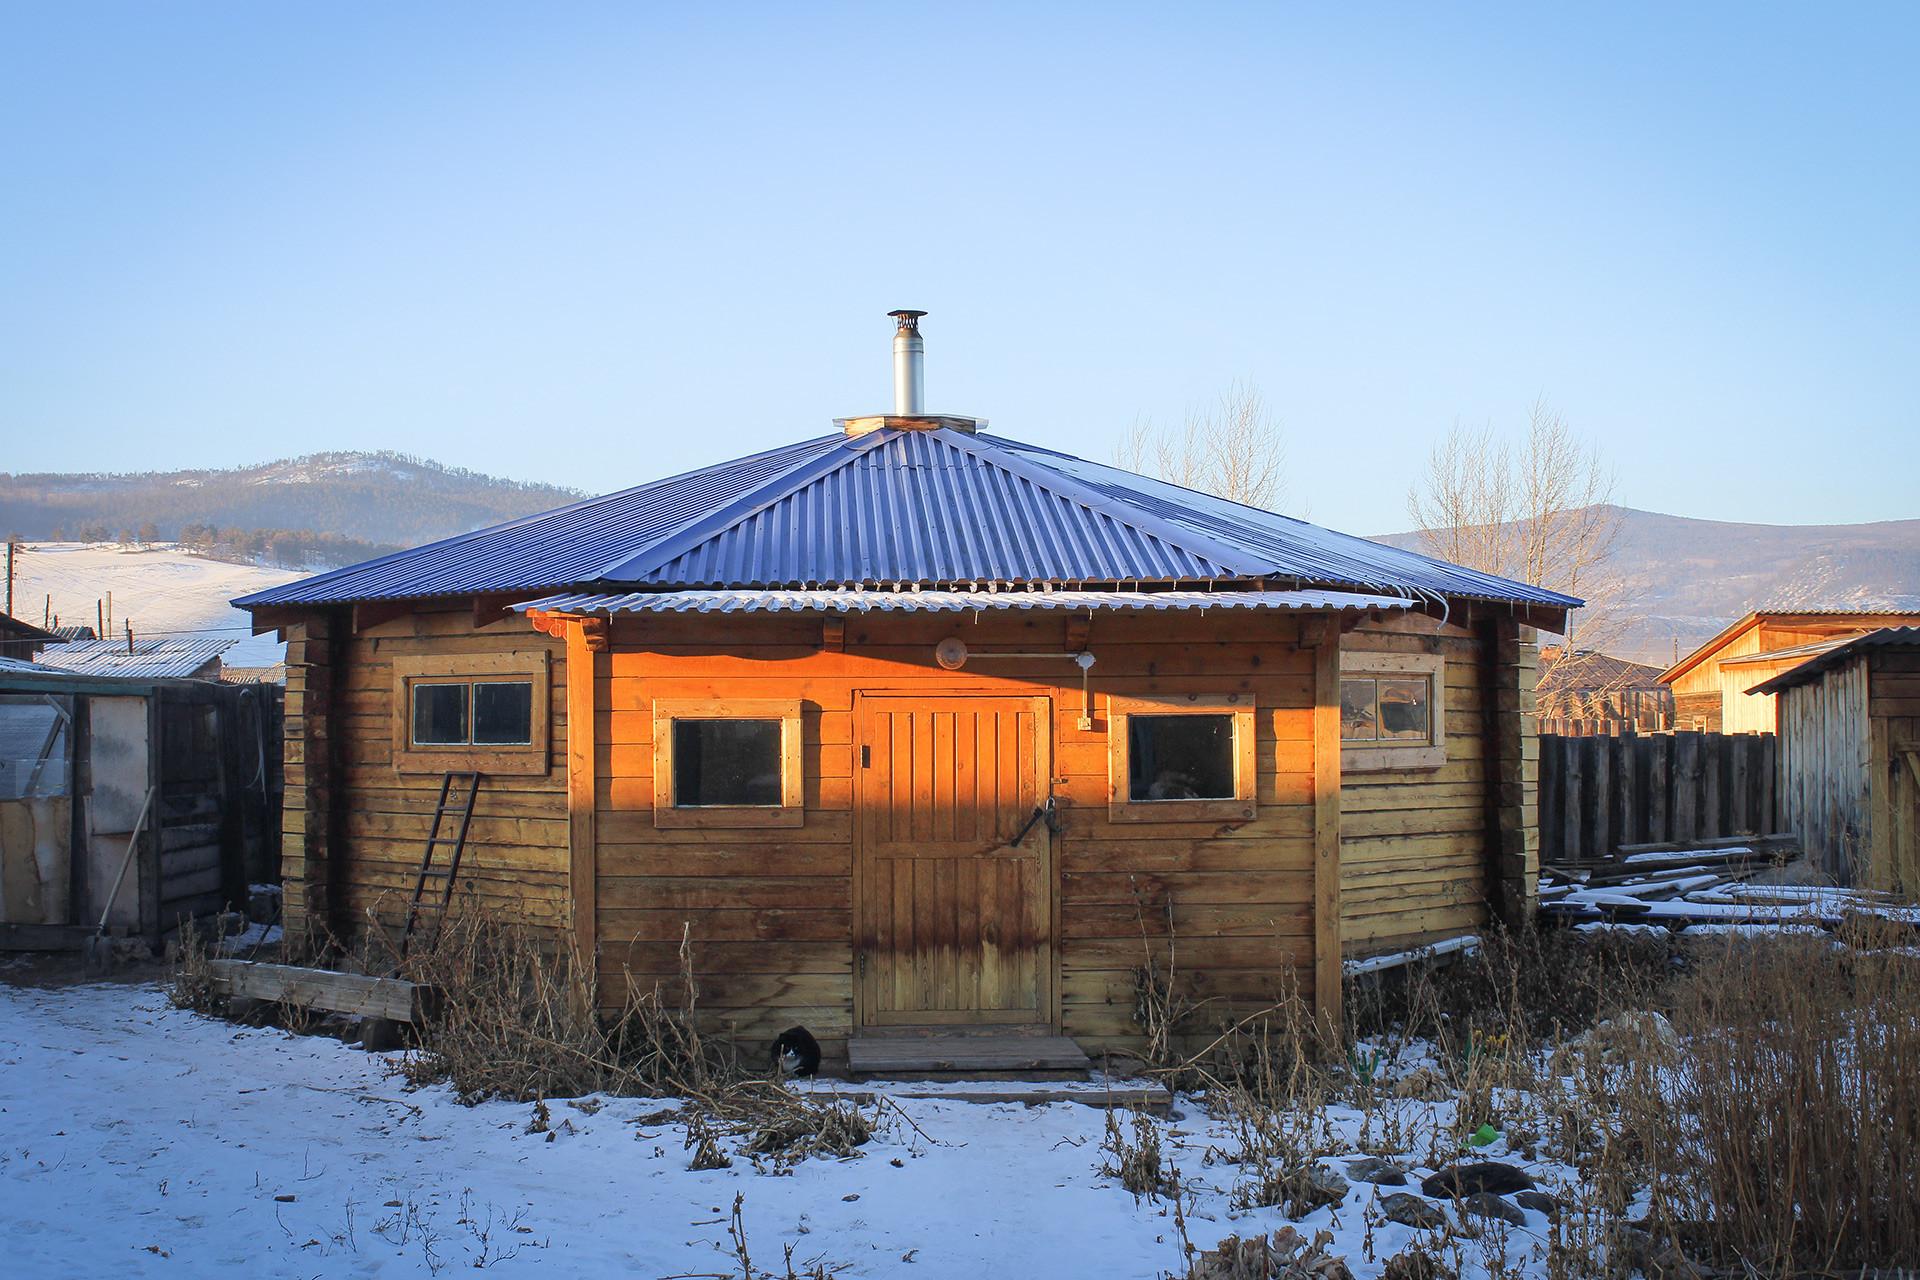 Yurt milik Khagdaev.